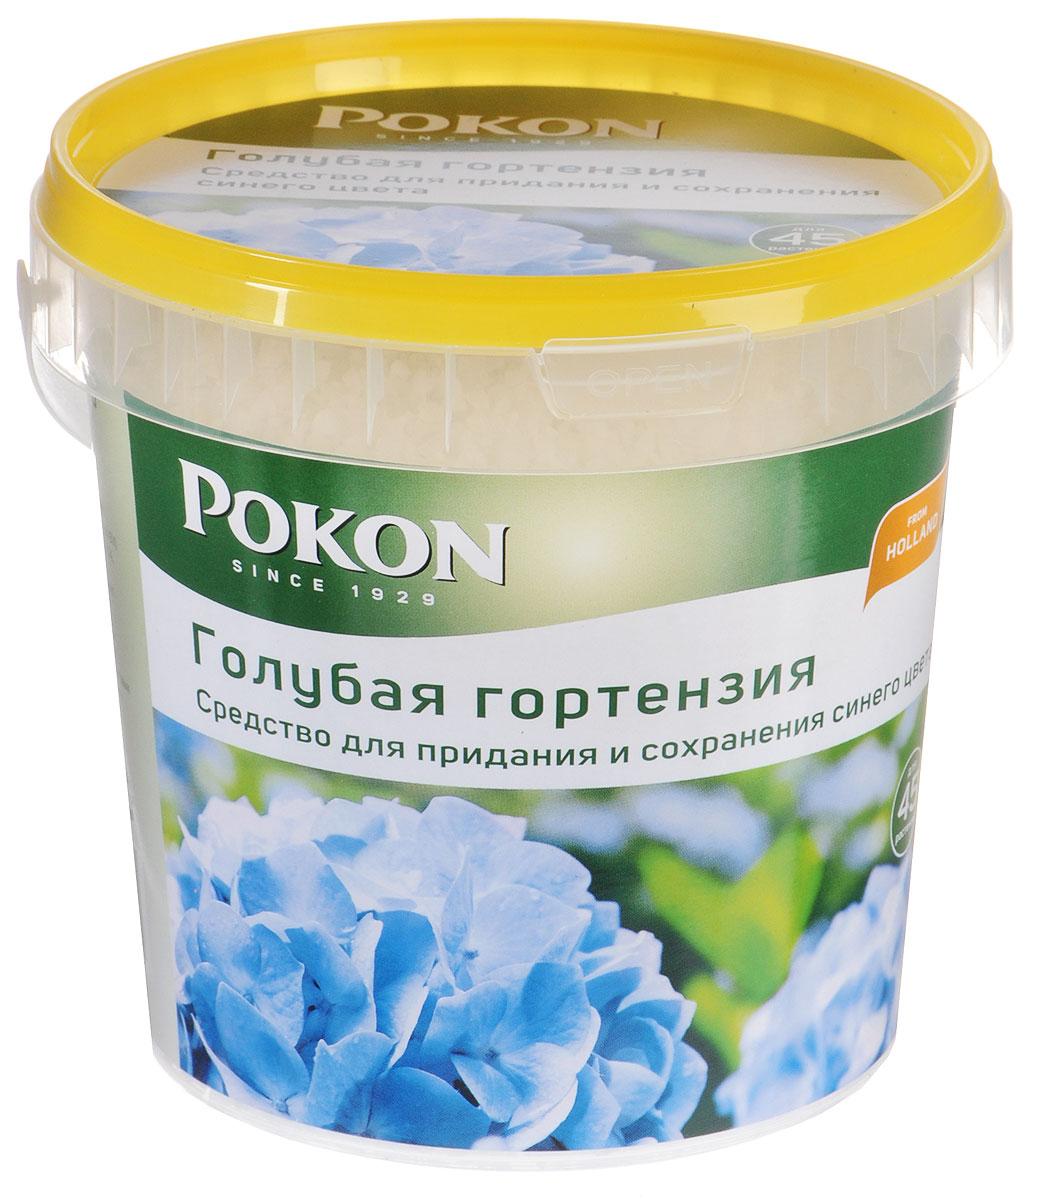 Средство для придания и сохранения синего цвета Pokon Голубая гортензия, 900 гC0042416Со временем голубые гортензии утрачивают свой цвет и становятся розовыми, если они растут в почве, бедной солями алюминия. У этой проблемы есть решение. Средство Pokon быстро возвращает соцветиям голубой гортензии яркий и насыщенный цвет. Инструкция по применению:- Отмерьте нужное количество мерной крышечкой (15-20 г на 1 растение, в зависимости от размера).- Растворите средство в воде для полива (10 г на 1 л воды).- Полейте растения.- Не применяйте при температуре воздуха выше +15°С.- Используйте с июля по сентябрь.Состав: на основе сульфата алюминия - Al2(SO4)3.Средство по уходу за растениями соответствует нормам ЕС.Товар сертифицирован.